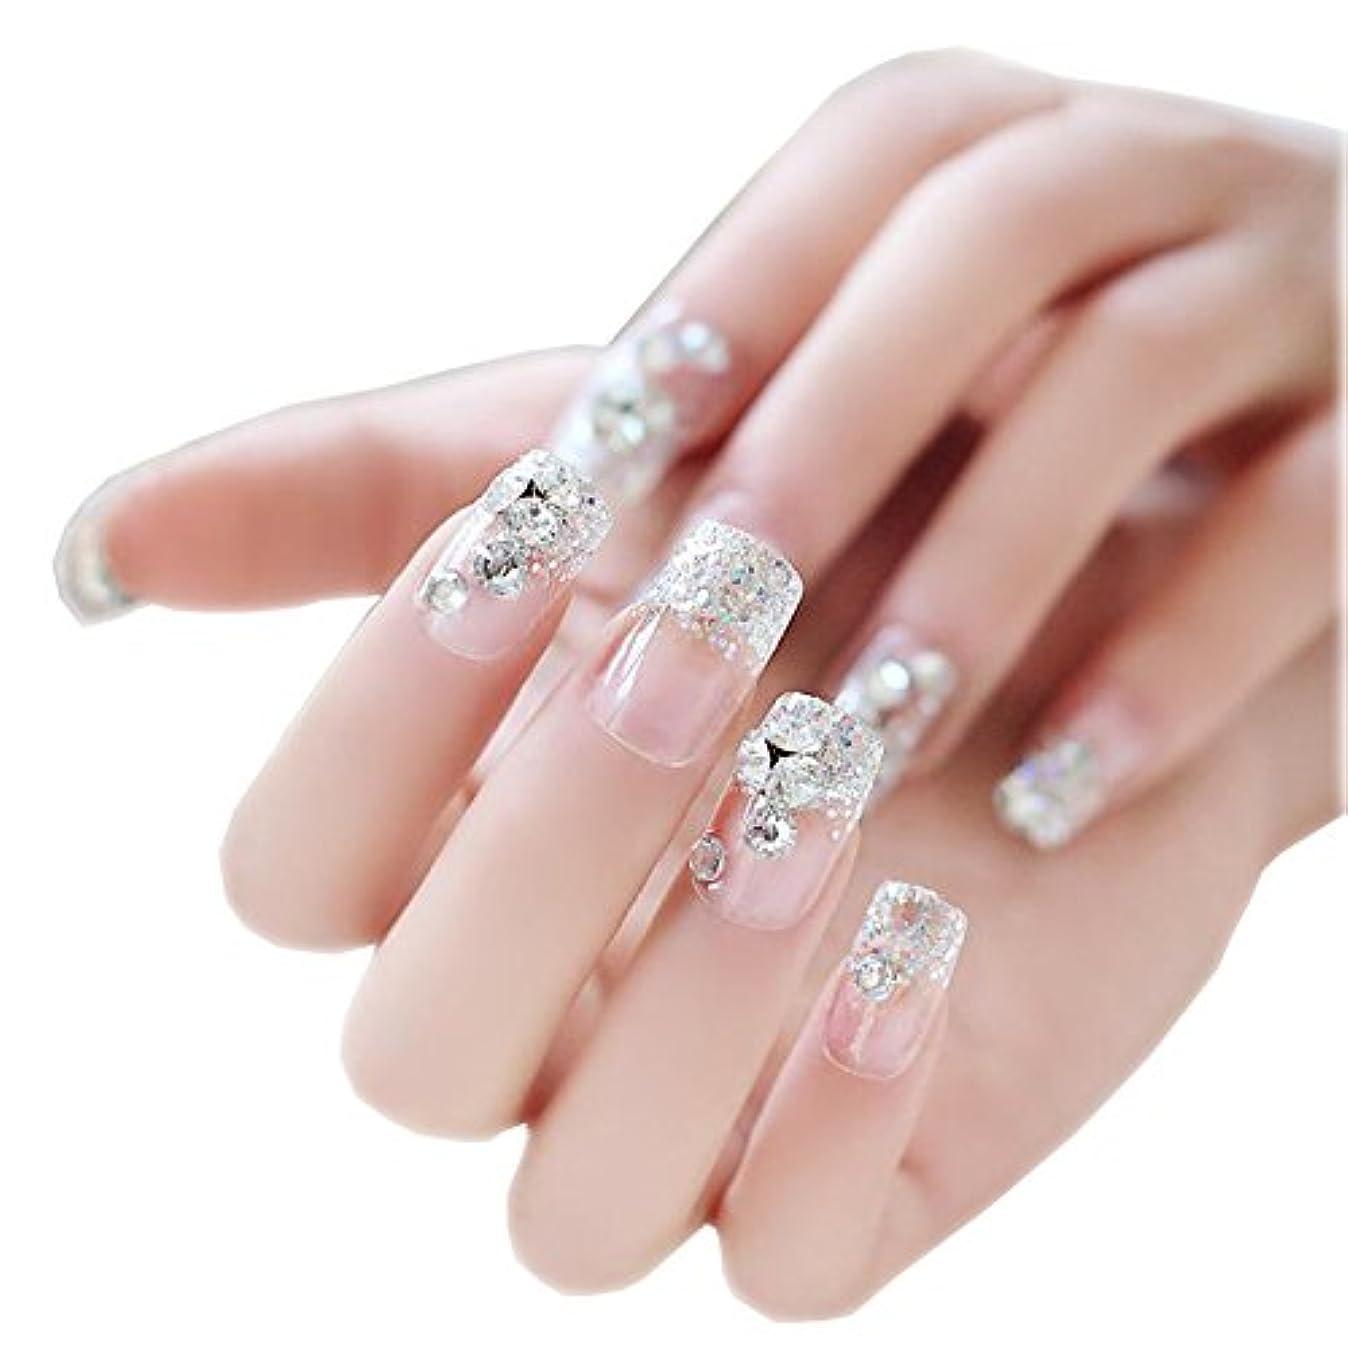 マウントカーペット操るネイルアートデカールのネイルは一時的にダイヤモンドで透明に包み込みます